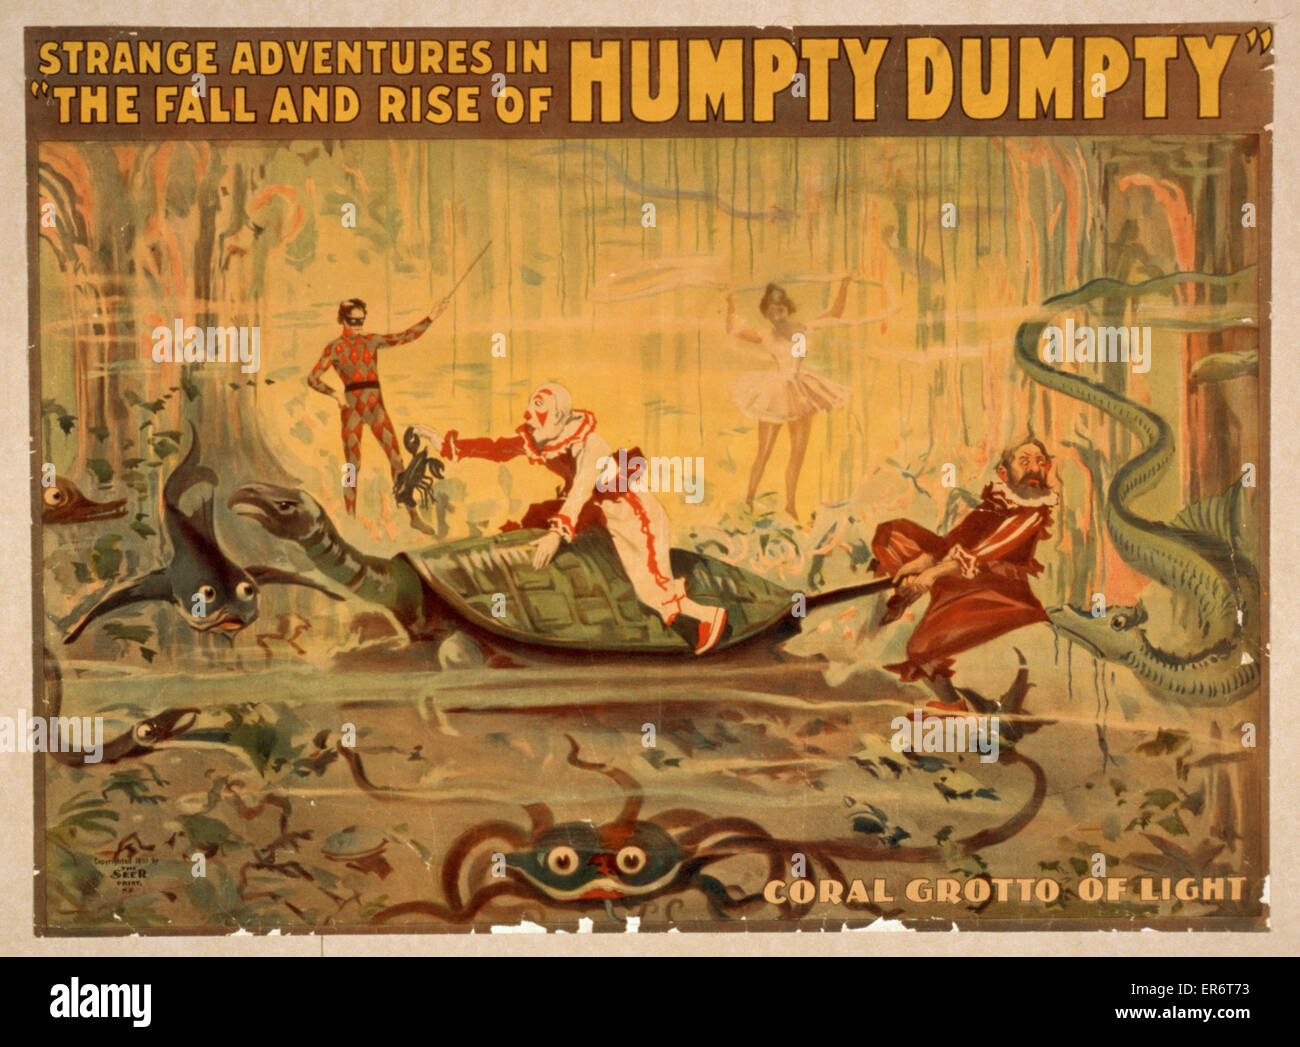 Aventures étranges à l'automne et montée de l'Humpty Dumpty. Date c1899. Photo Stock